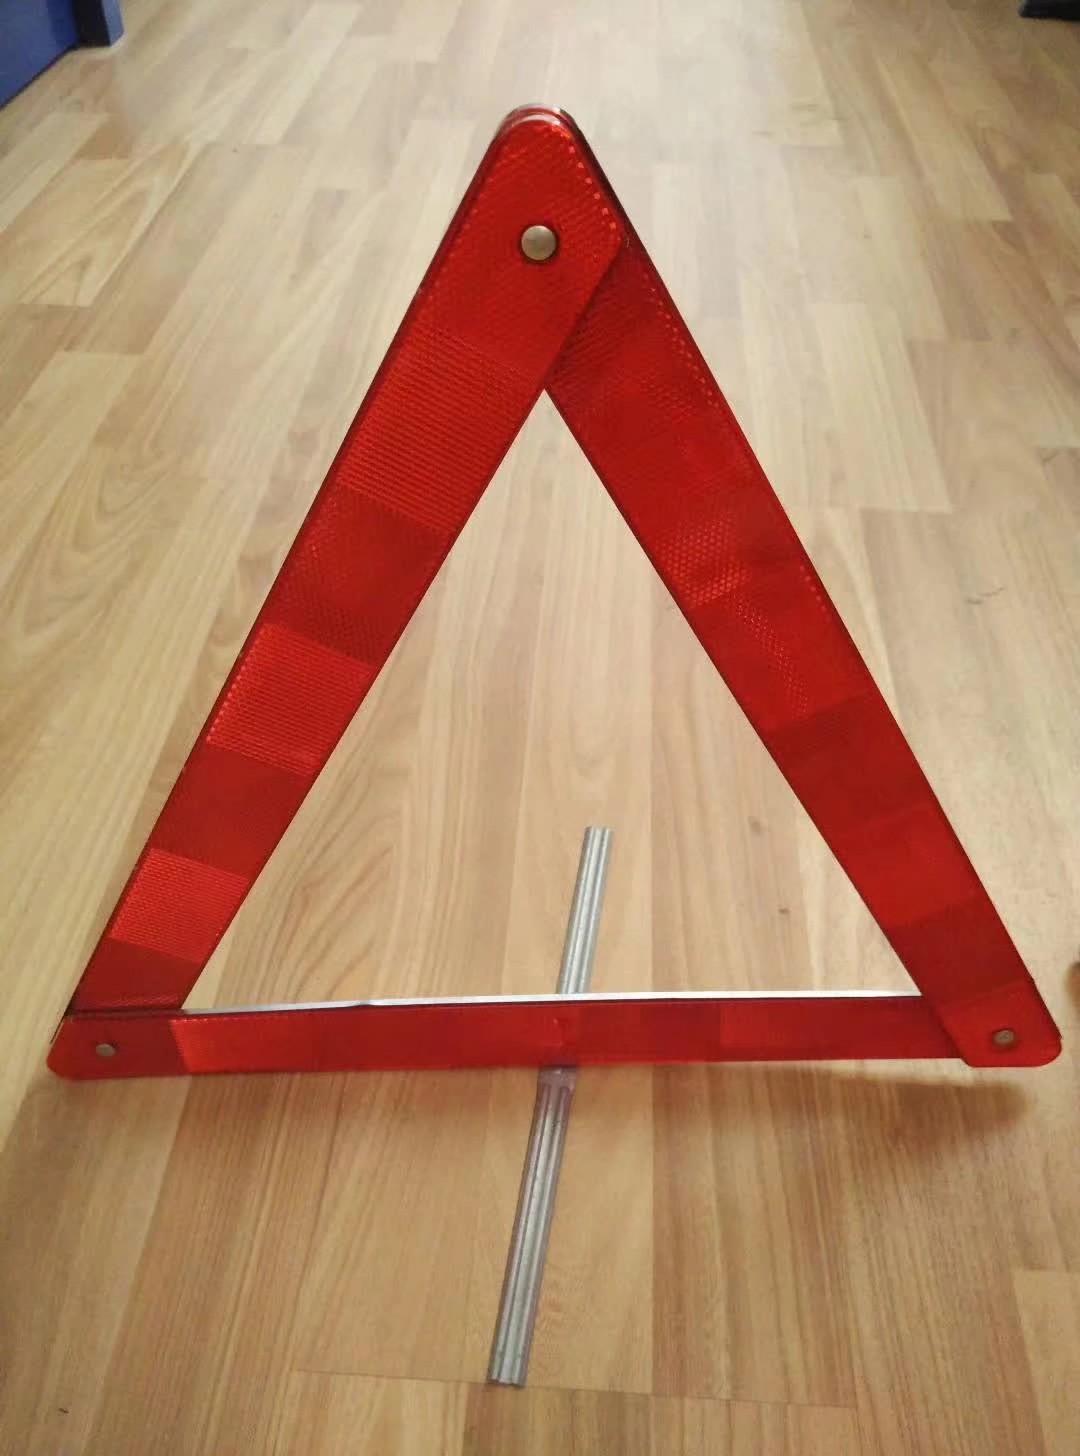 应急车载用品三角架警示牌,后背铁皮款汽车用品 / 安全/应急/自驾 / 警示牌